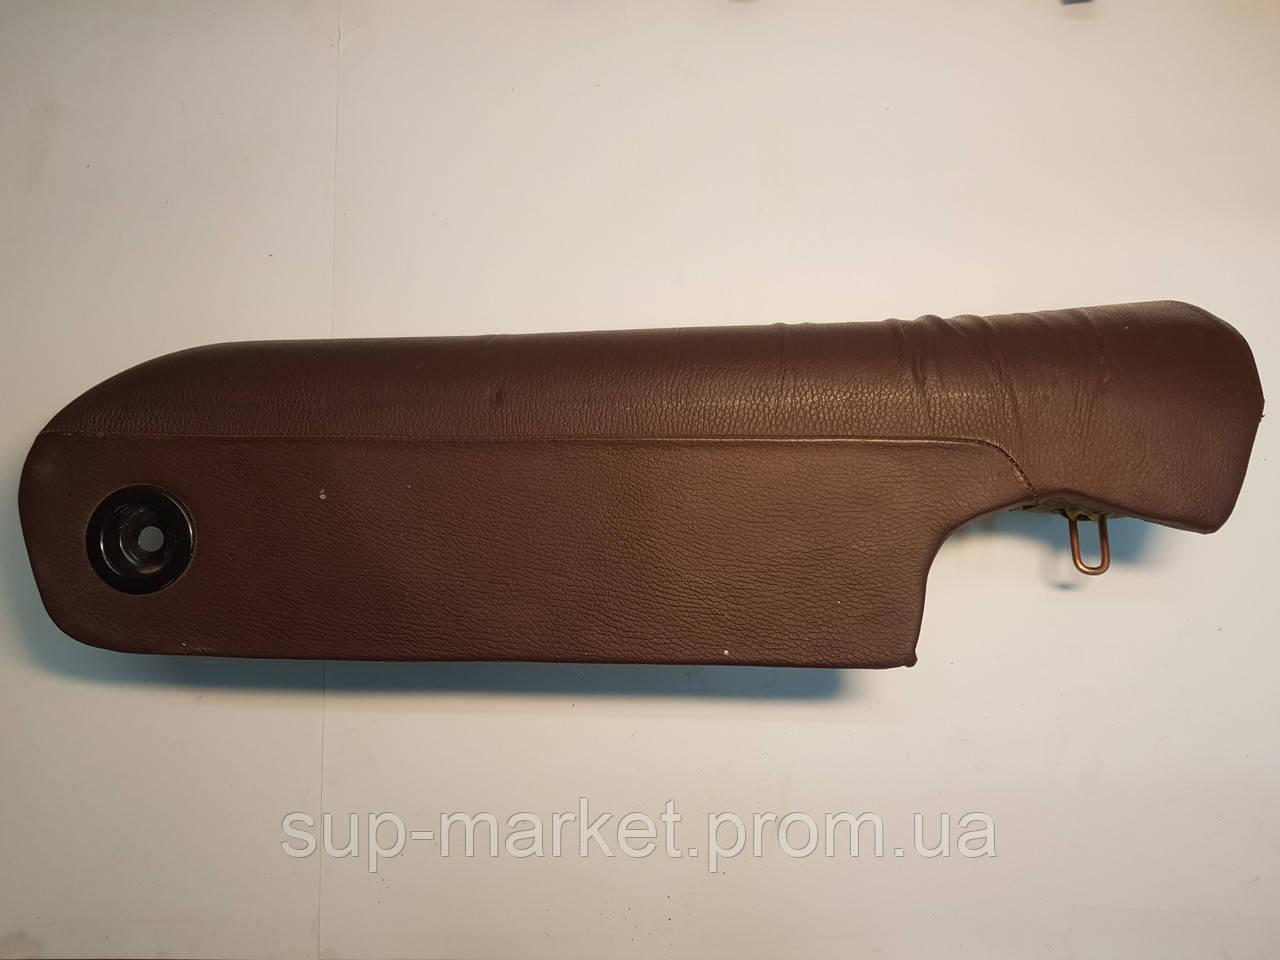 4B9885703K 4UKS Боковые накладки для заднего сиденья для VAG A6 C5 2.5TDI 1997-2004